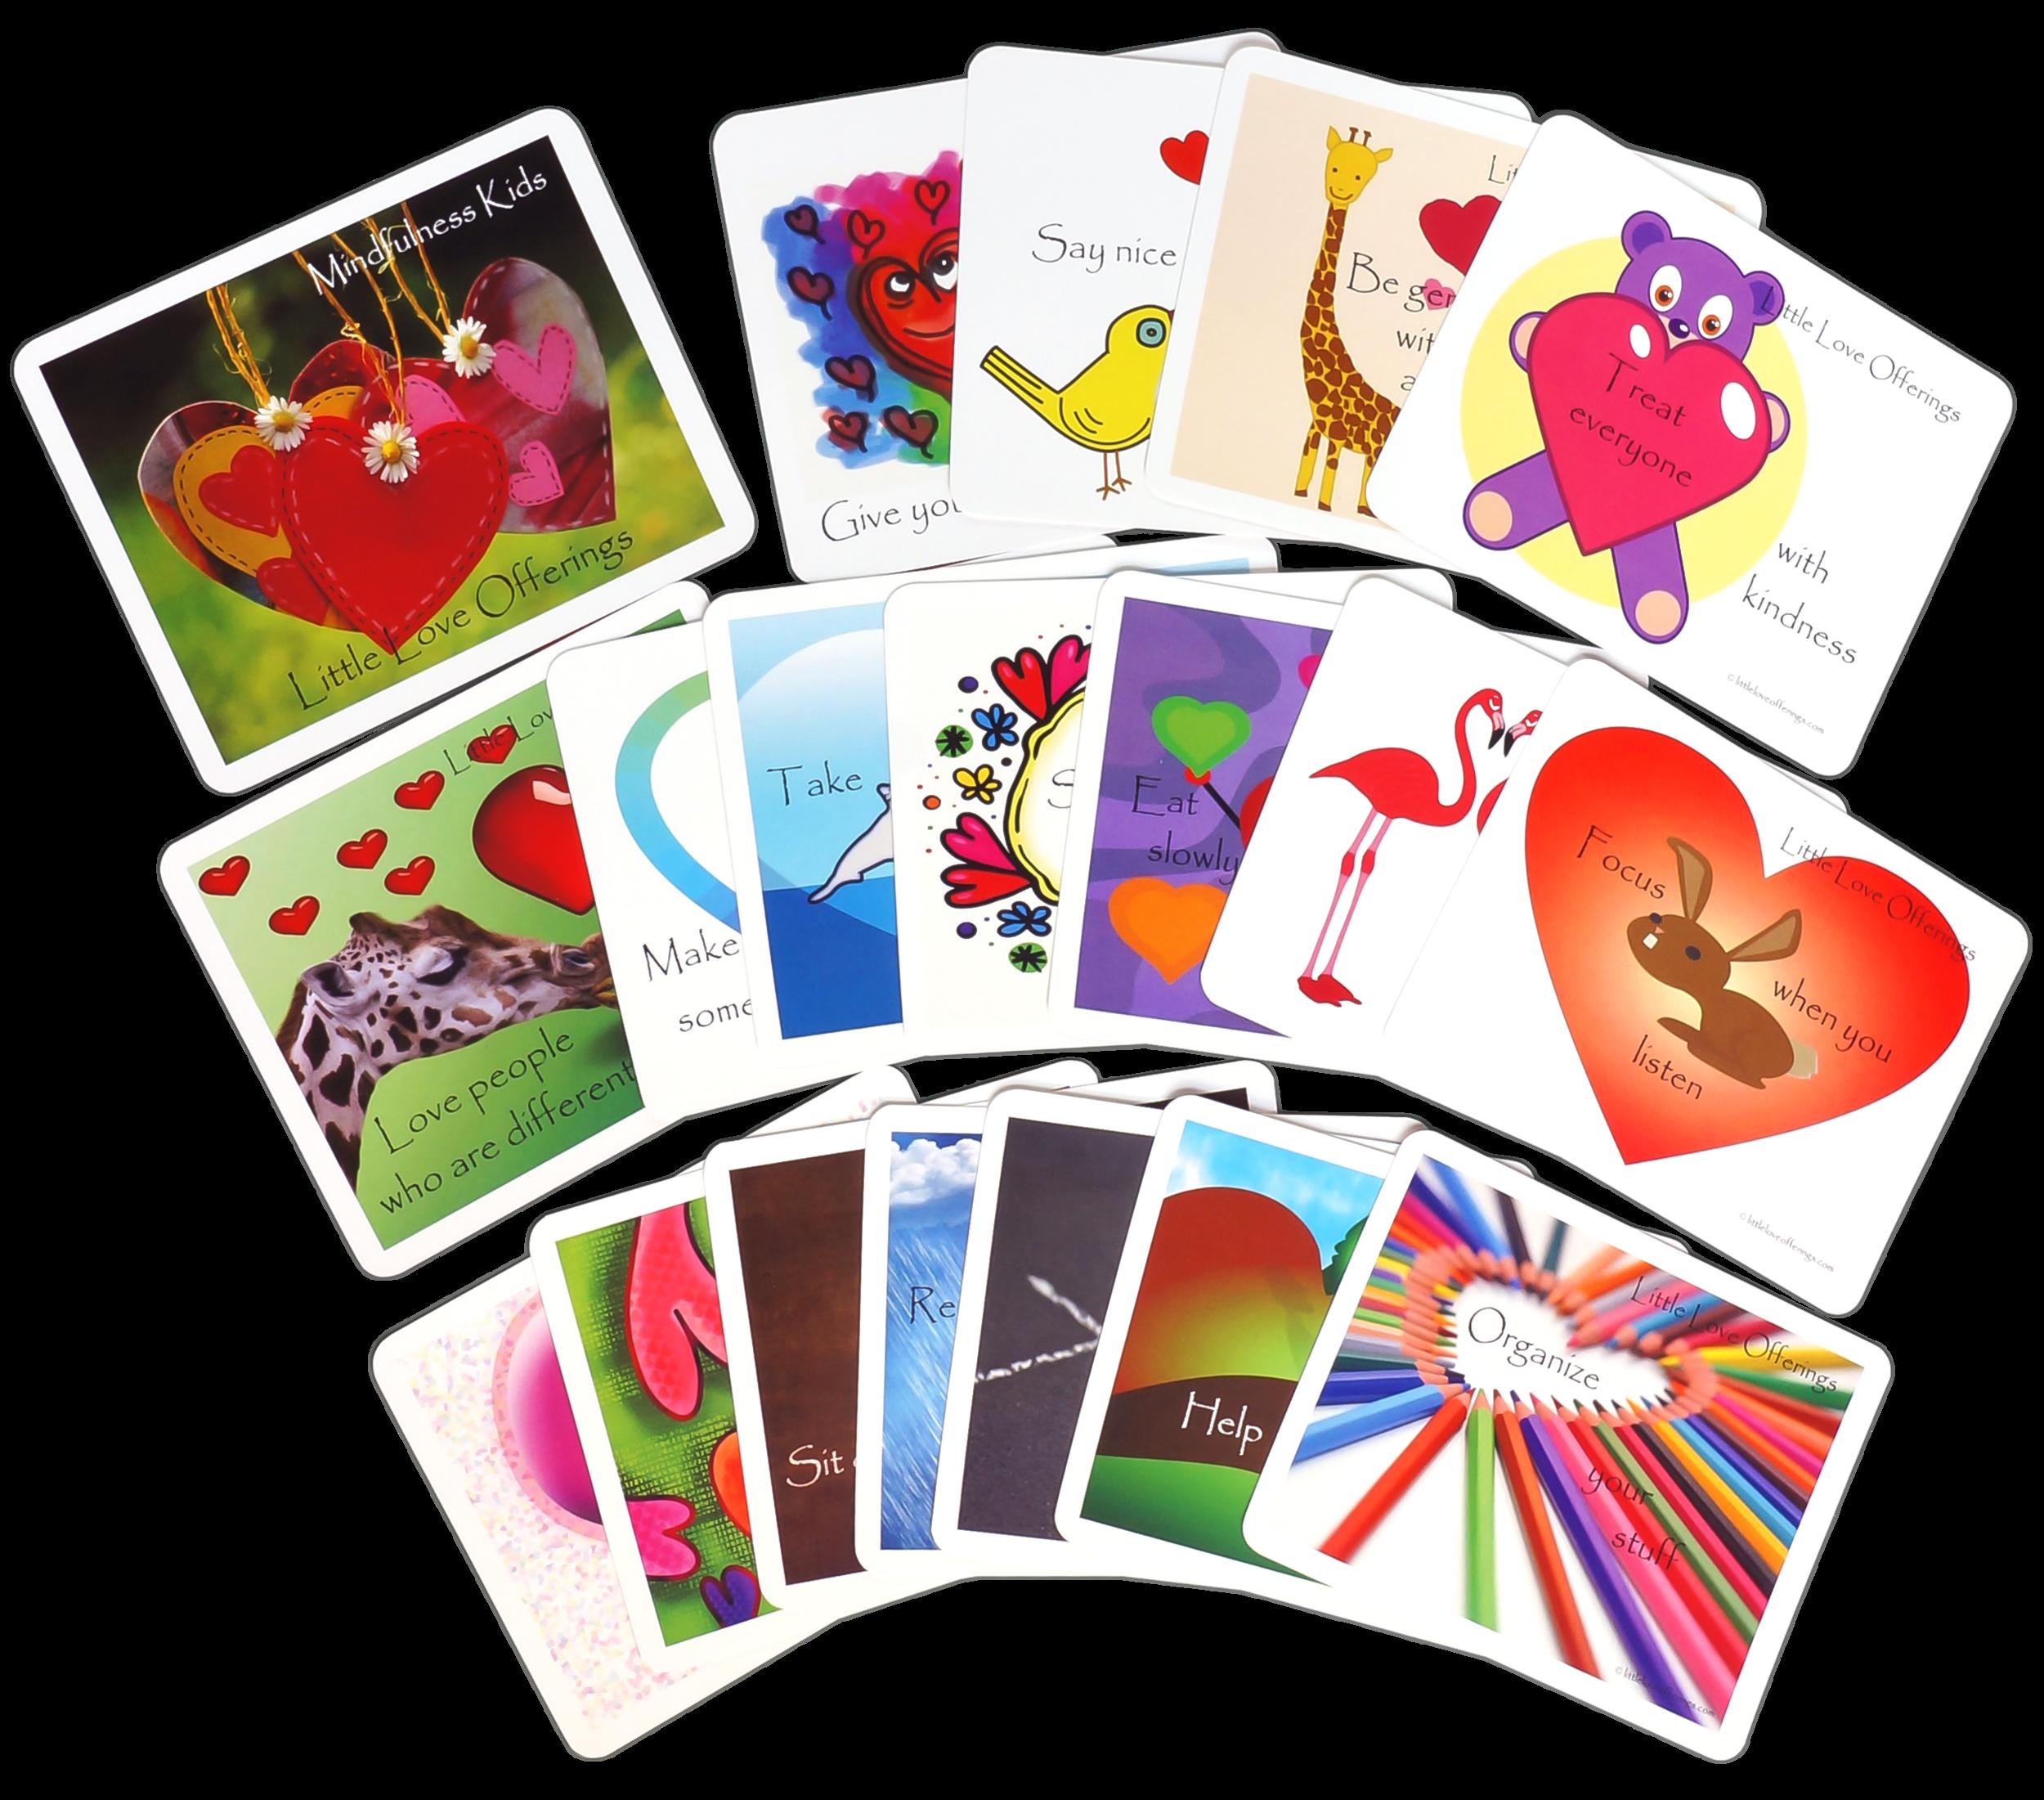 Amy cards_Lightroom-08772.png